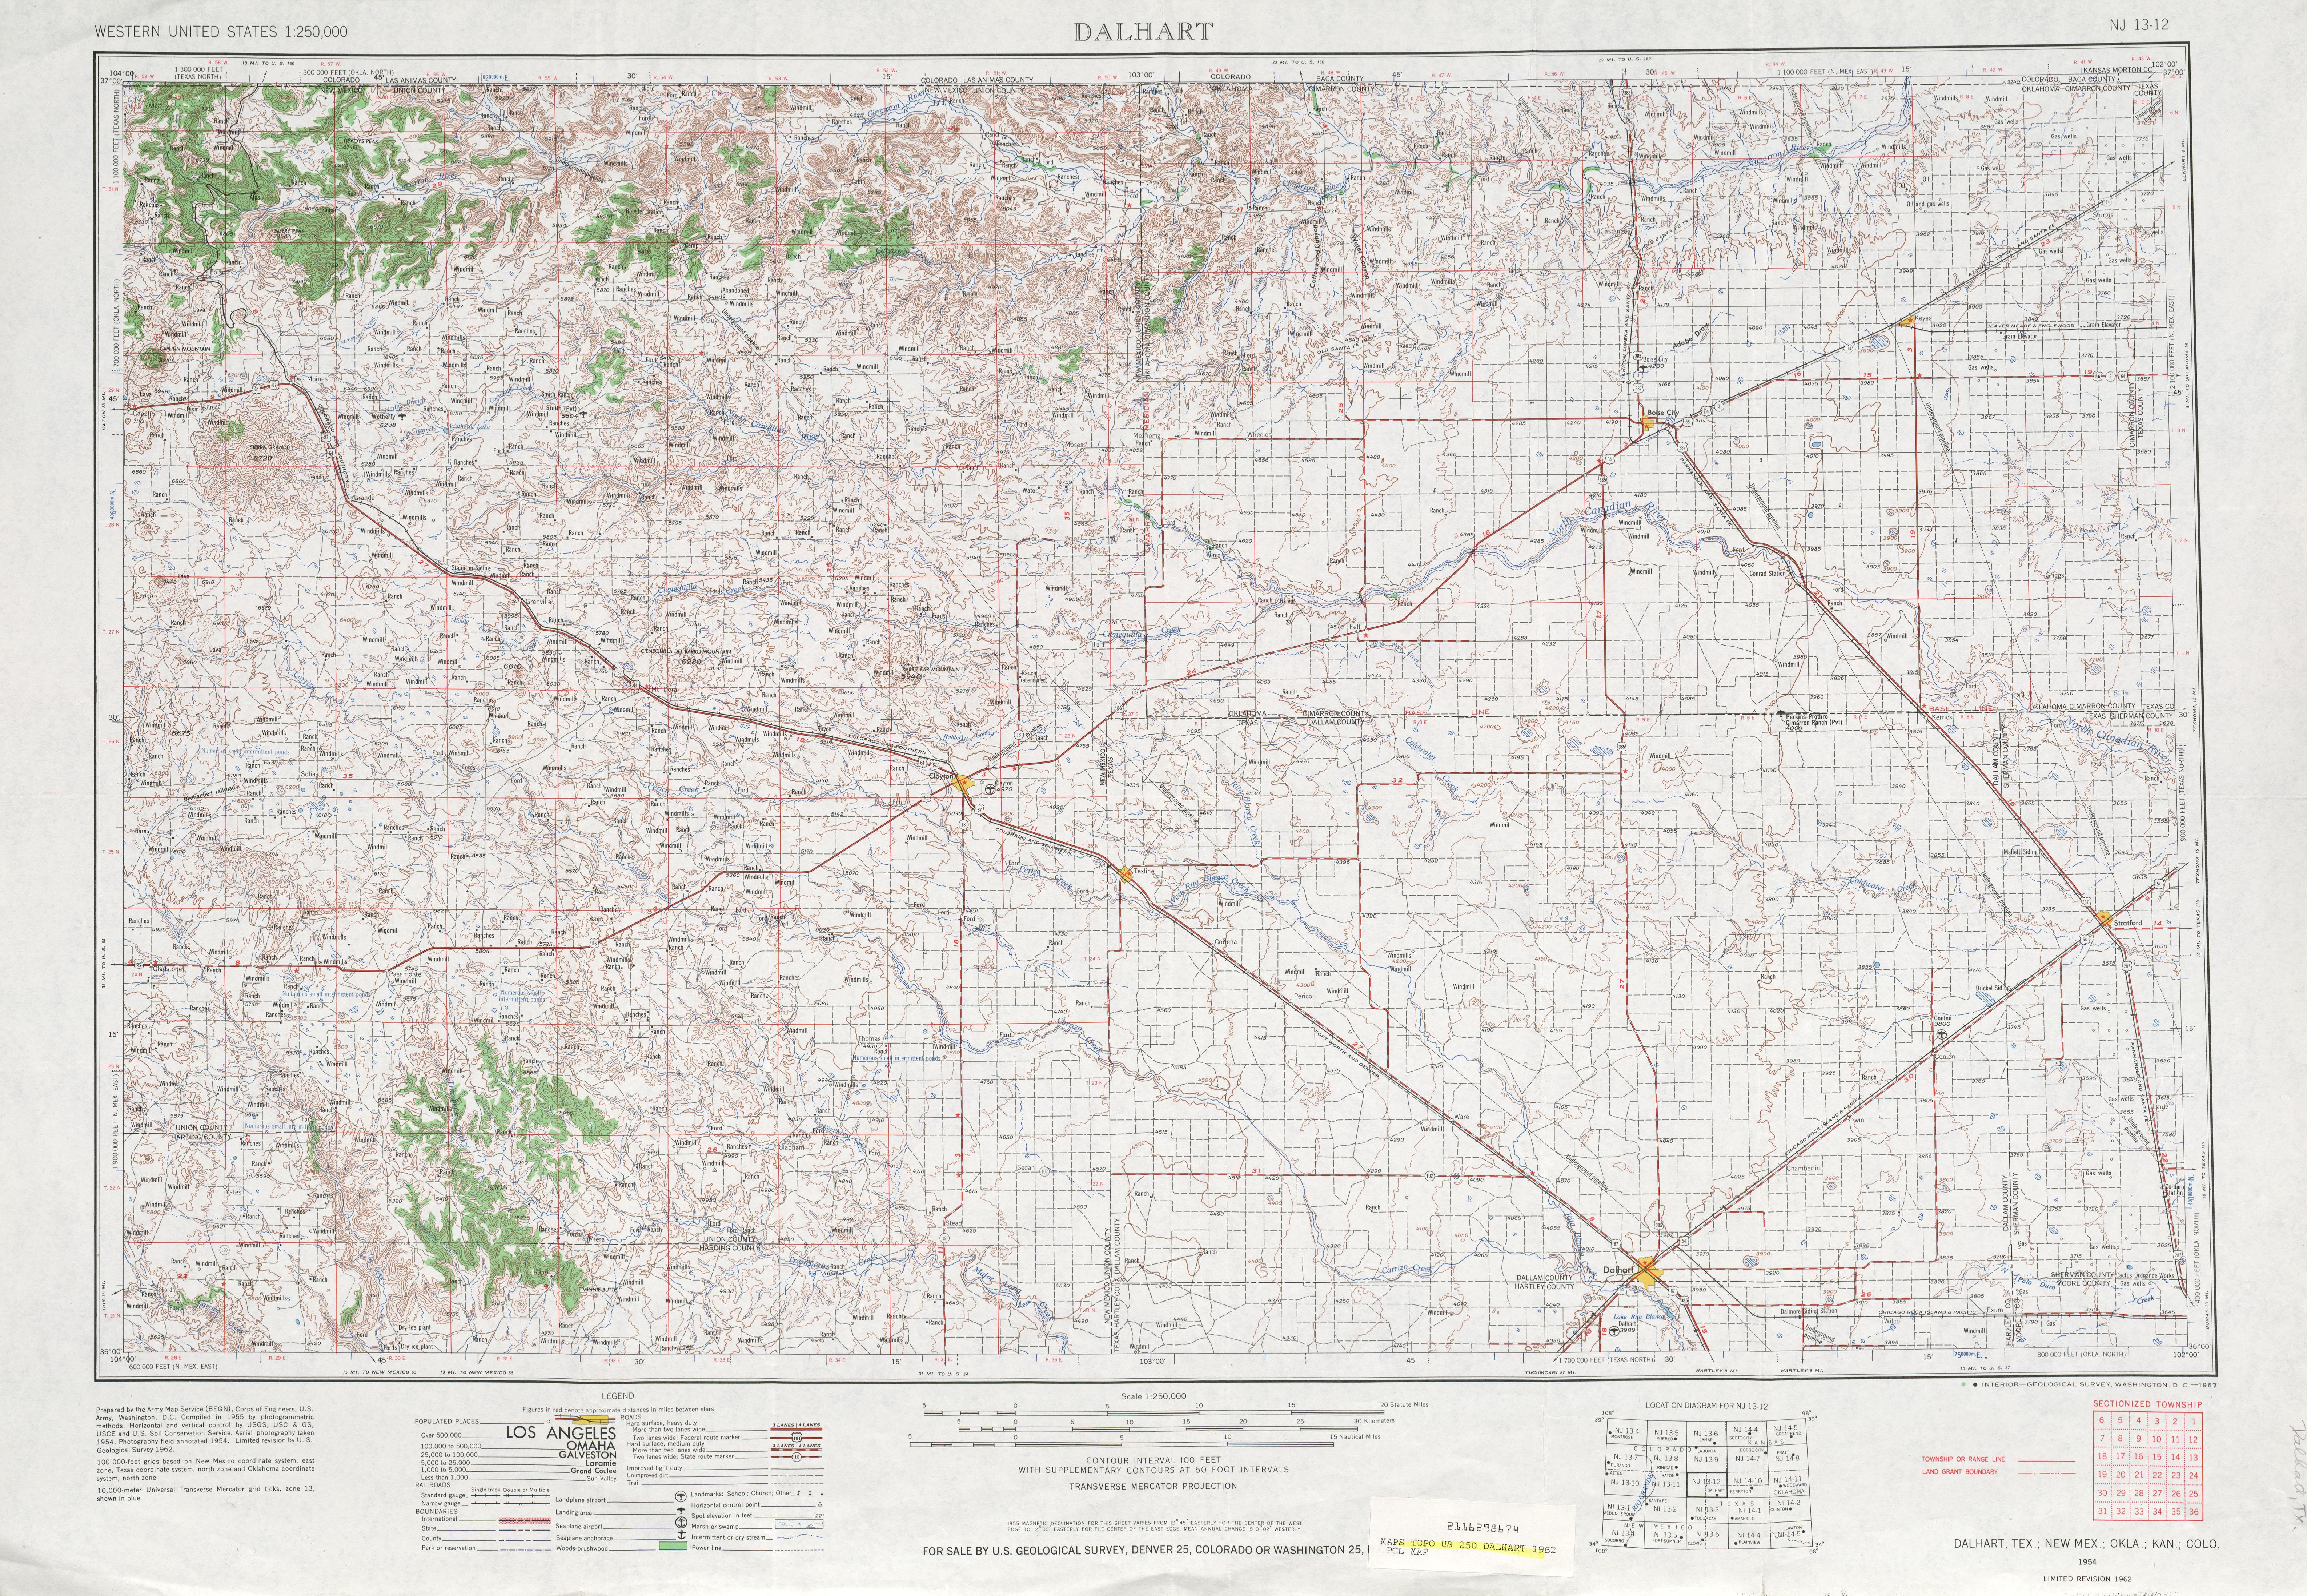 Hoja Dalhart del Mapa Topográfico de los Estados Unidos 1962